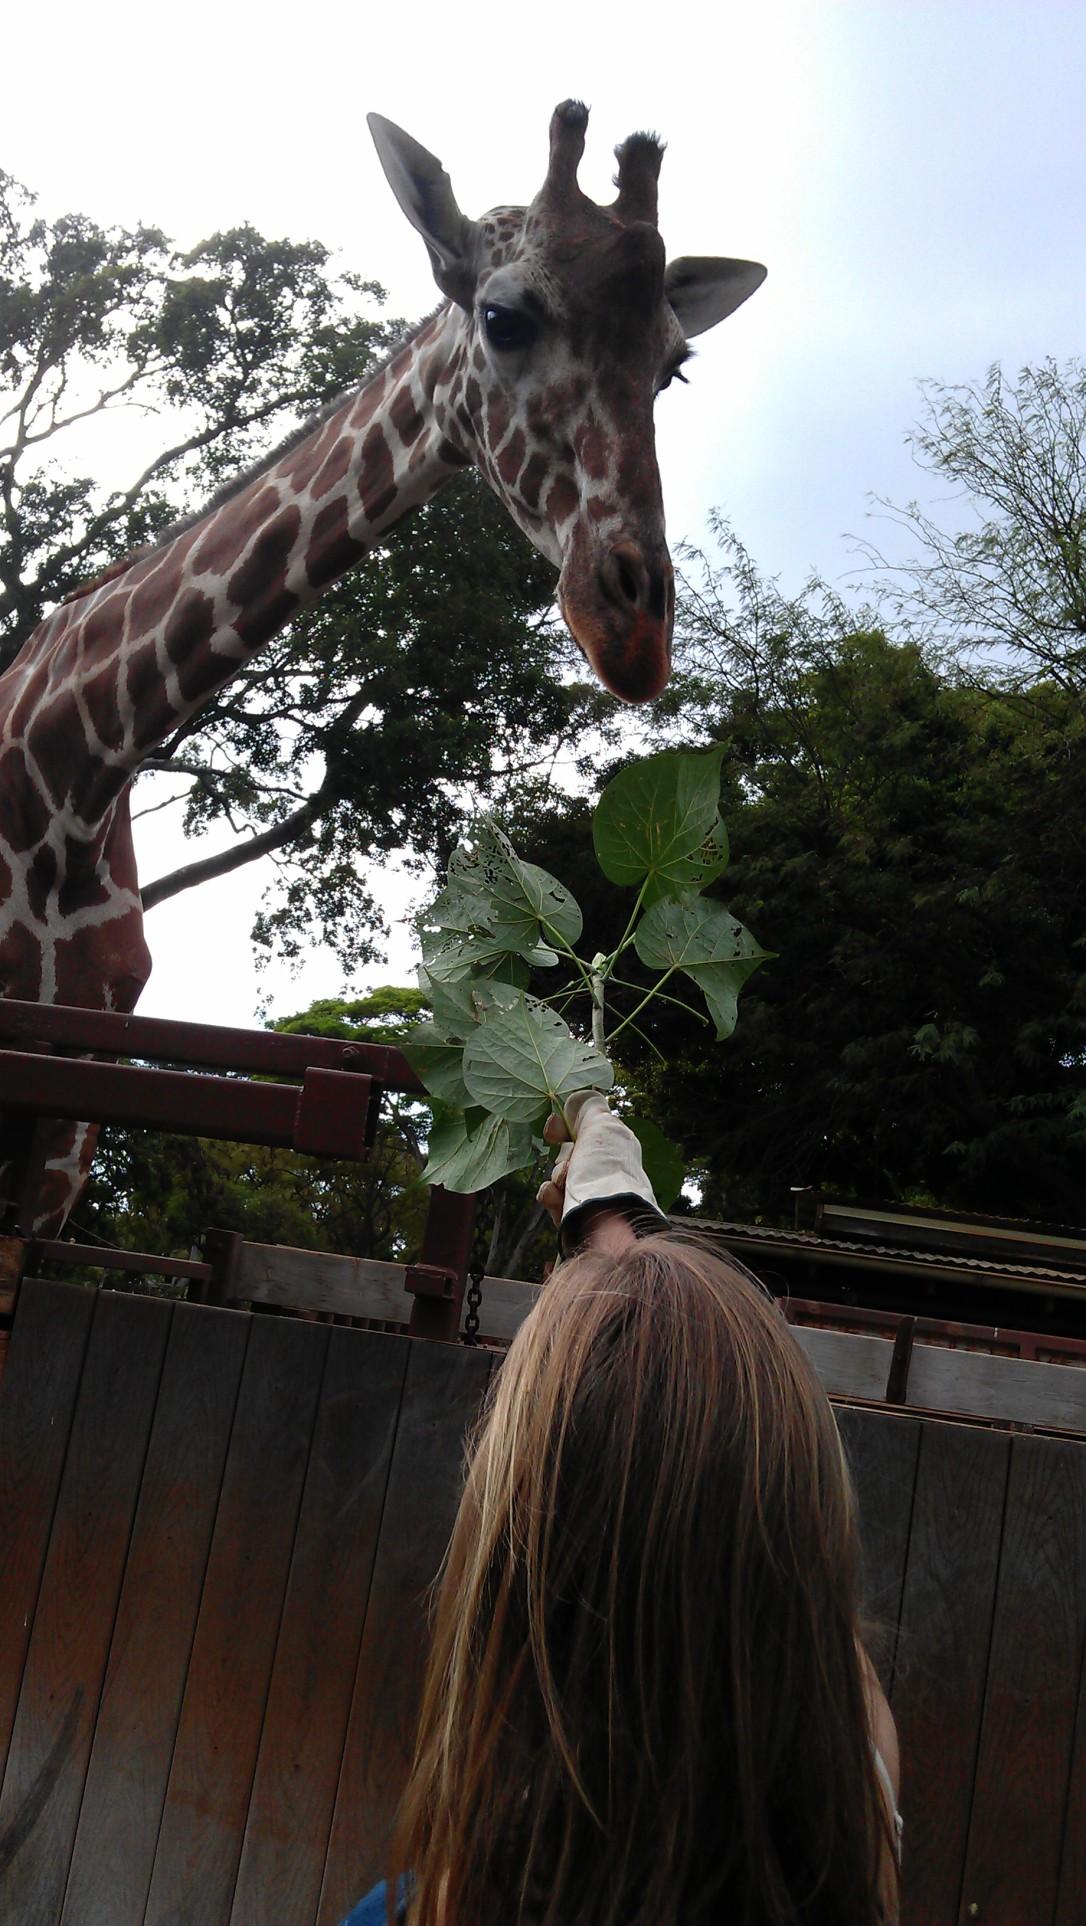 2/12/2012 feeding giraffes